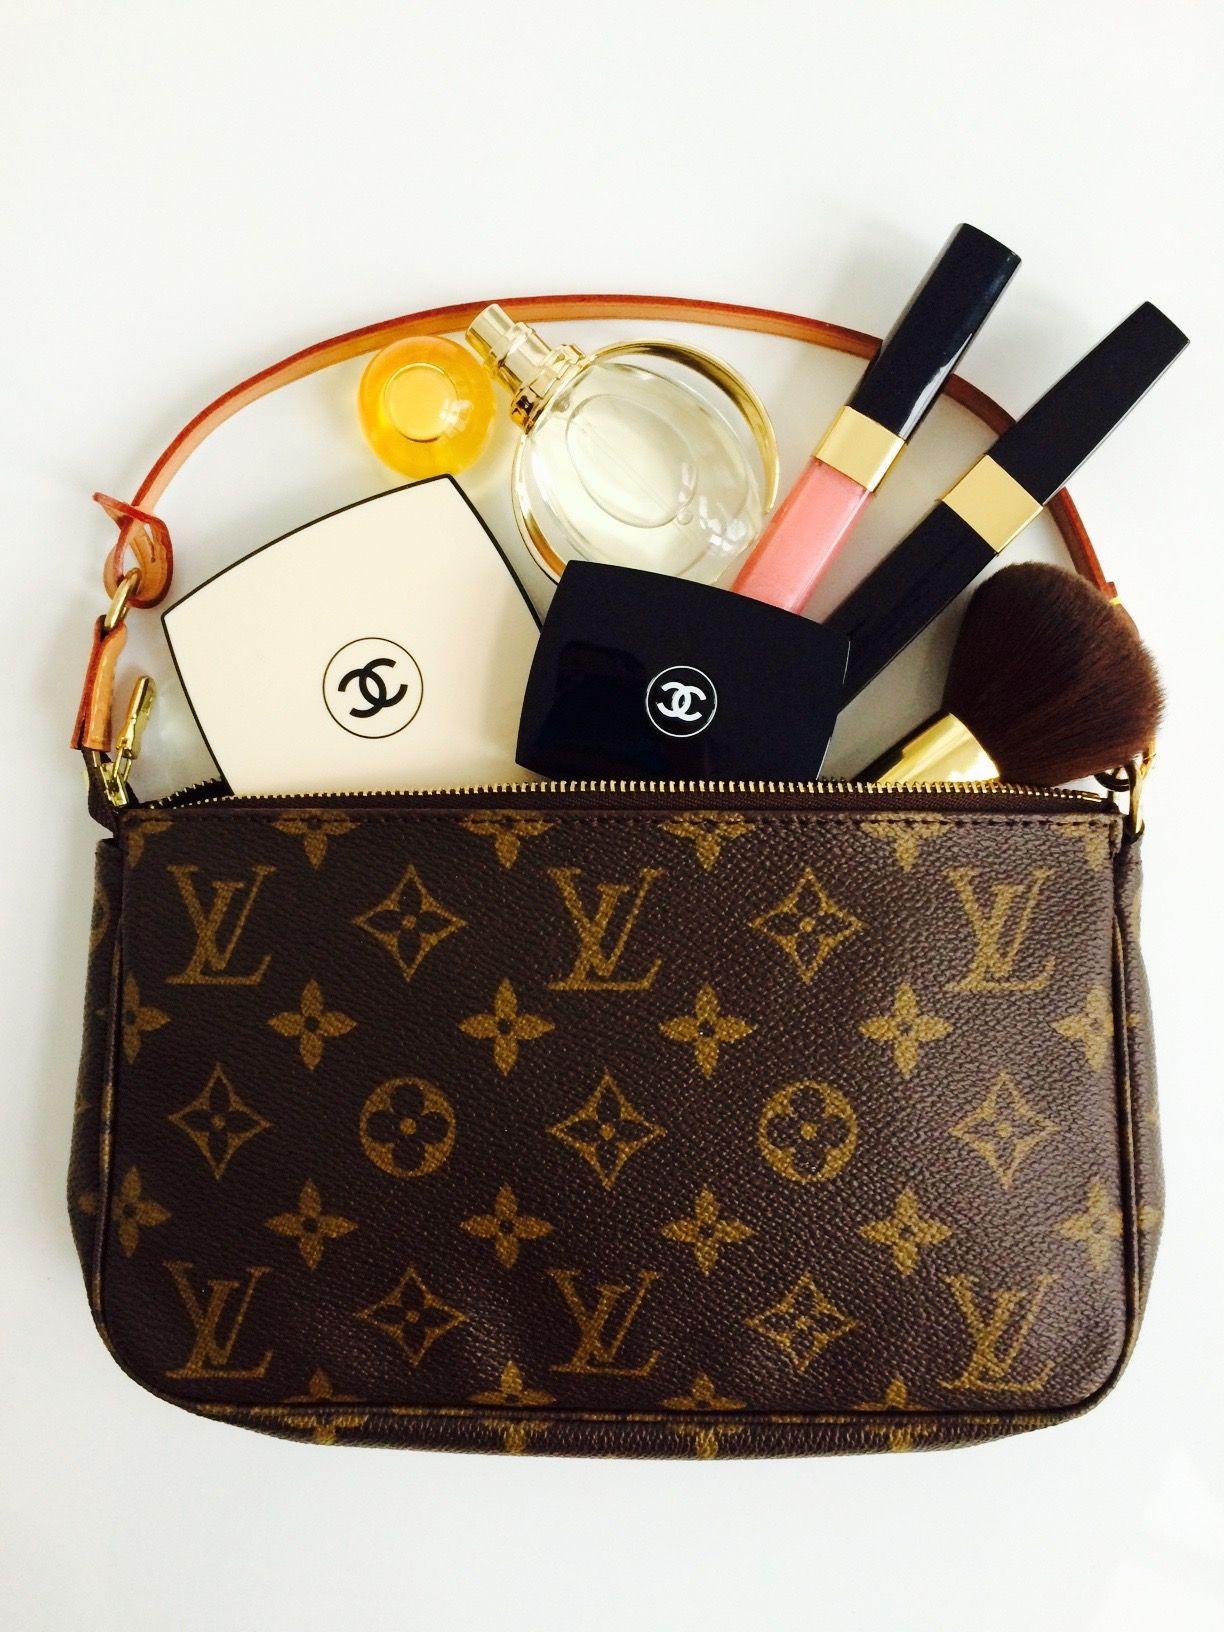 061b8bc65cac ... strap) make up bag or clutch. In my Pochette - ein Klassiker von Louis  Vuitton. Die Pochette Accessoires in Monogram Canvas